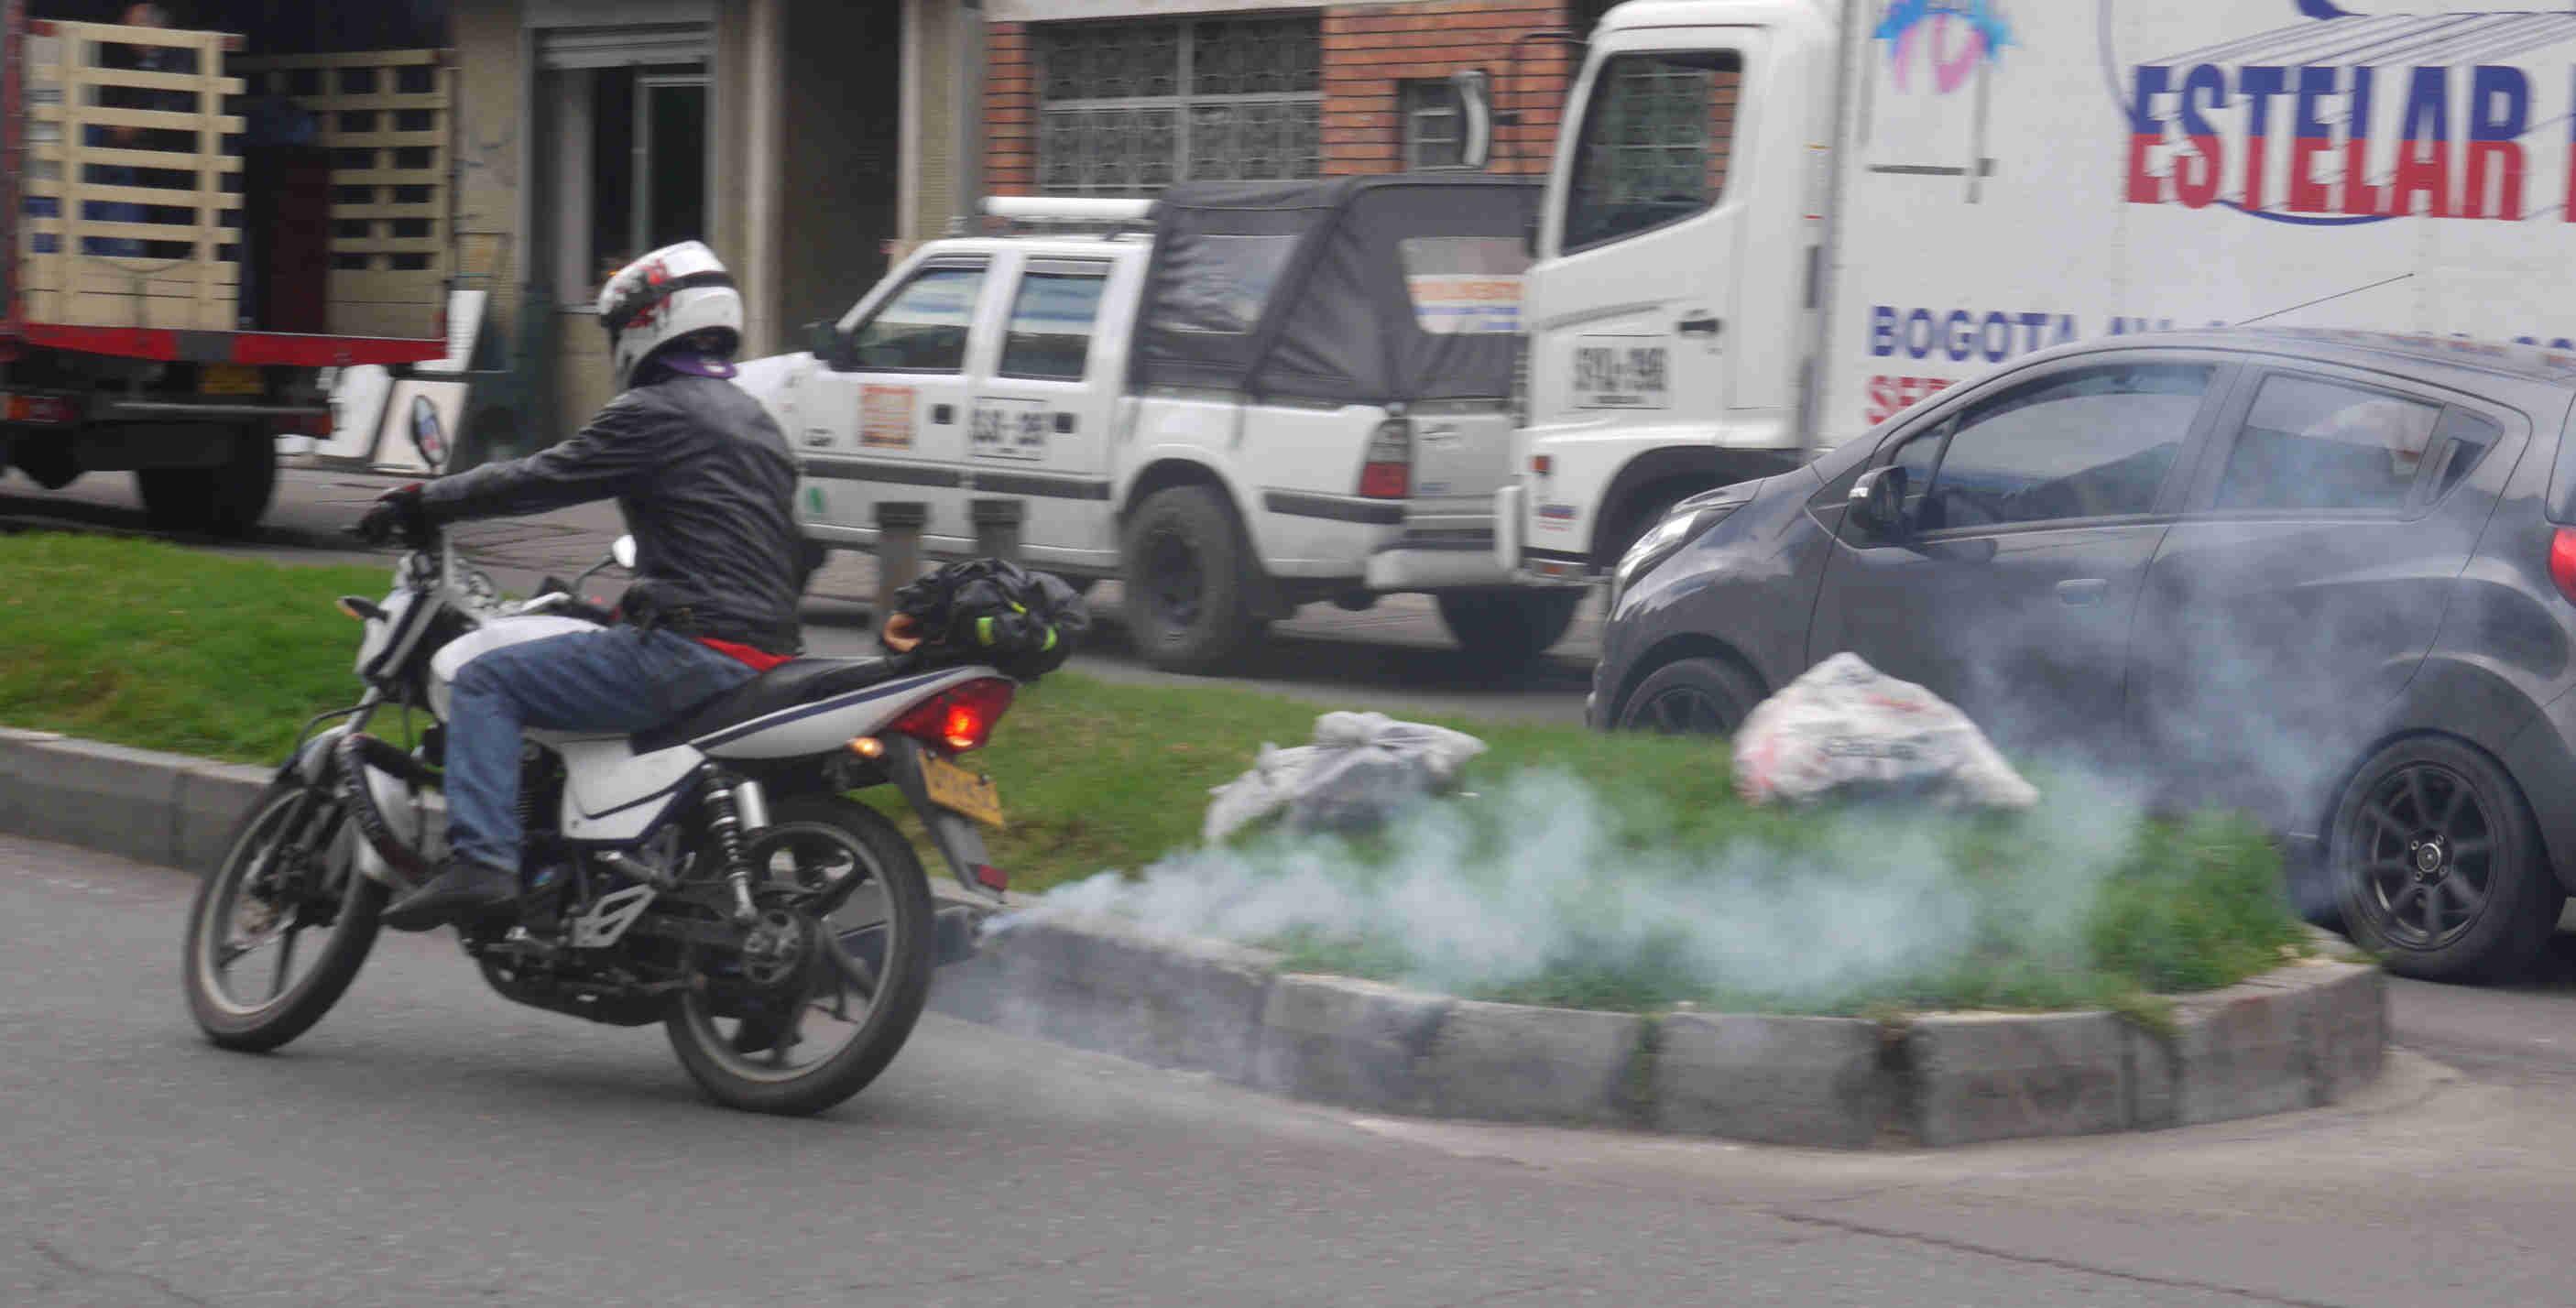 Motociclista emitiendo humo azul para contaminar el medio ambiente